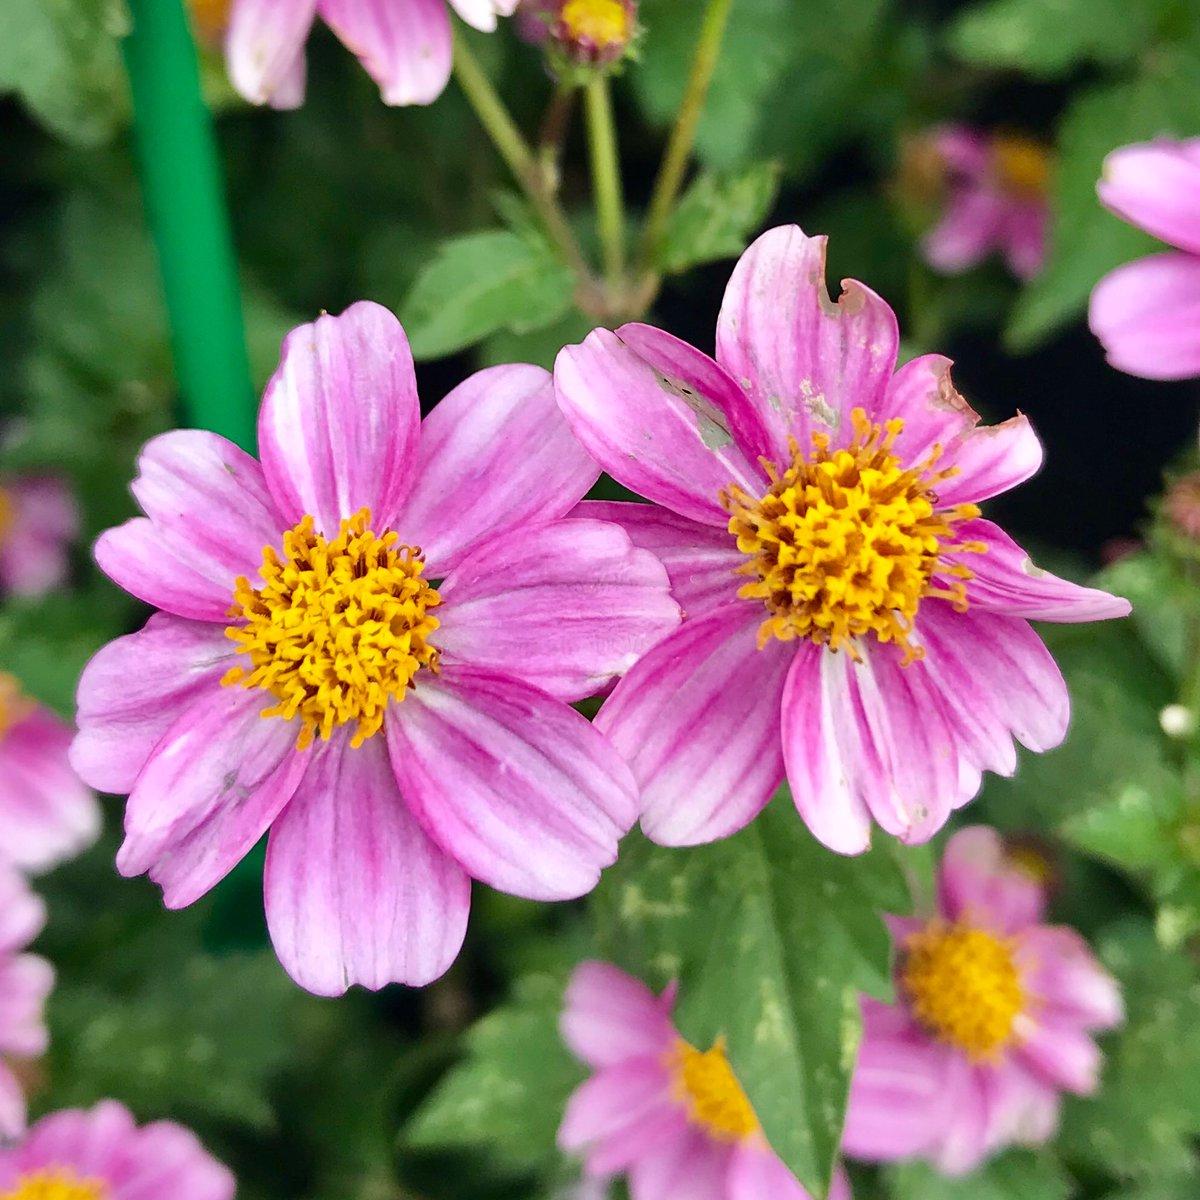 pretty in pink - Spread: 12-18